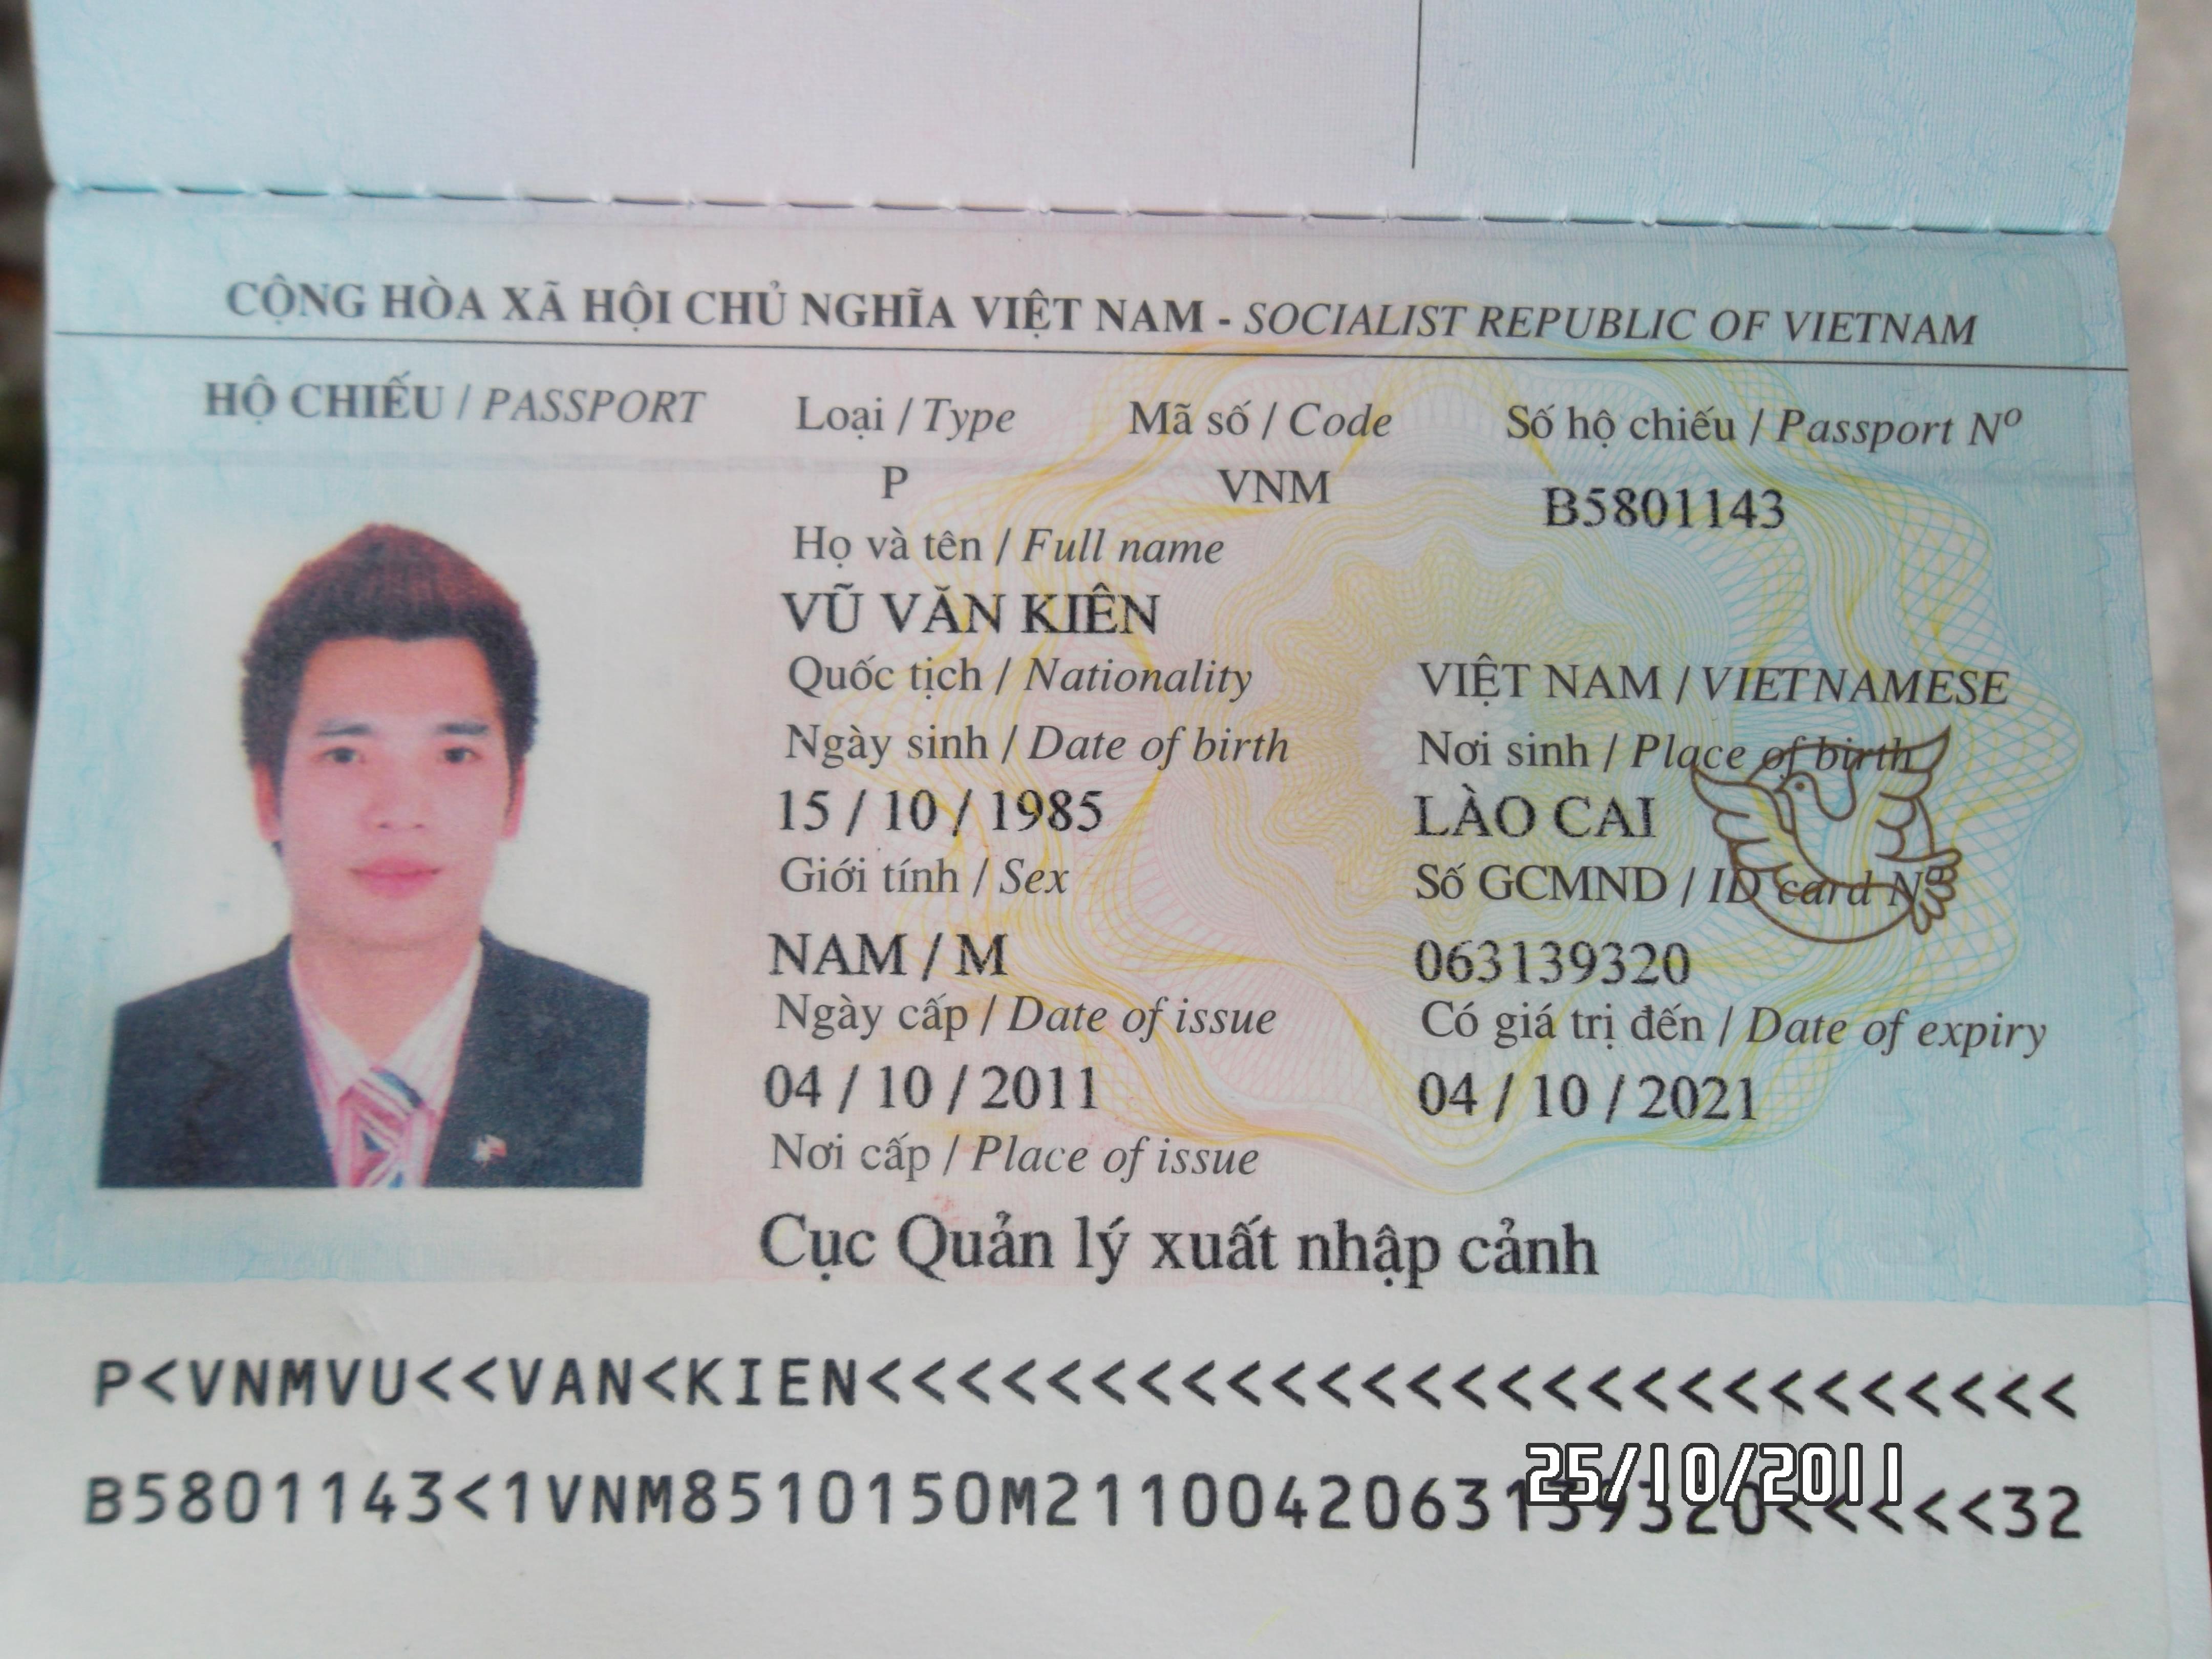 Hộ chiếu là giấy tờ do nước bạn ở cấp, công nhận quyền công dân của bạn.